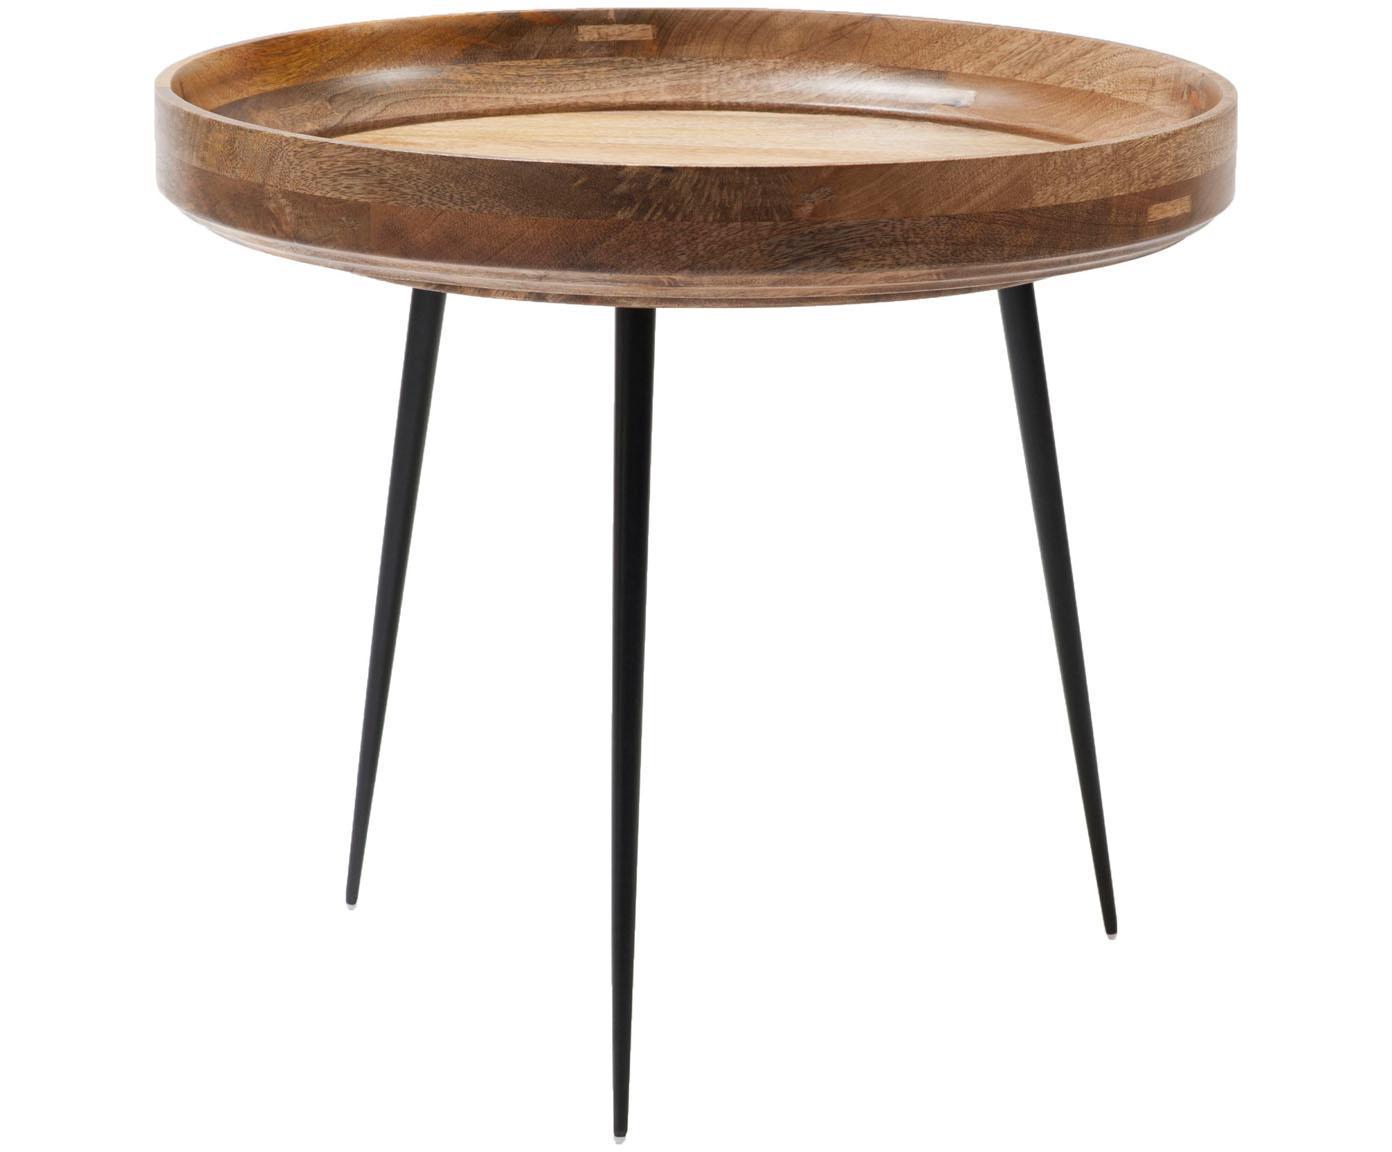 Stolik pomocniczy z drewna mangowego Bowl Table, Blat: drewno mangowe, lakierowa, Nogi: stal malowana proszkowo, Drewno mangowe, czarny, Ø 53 x W 46 cm